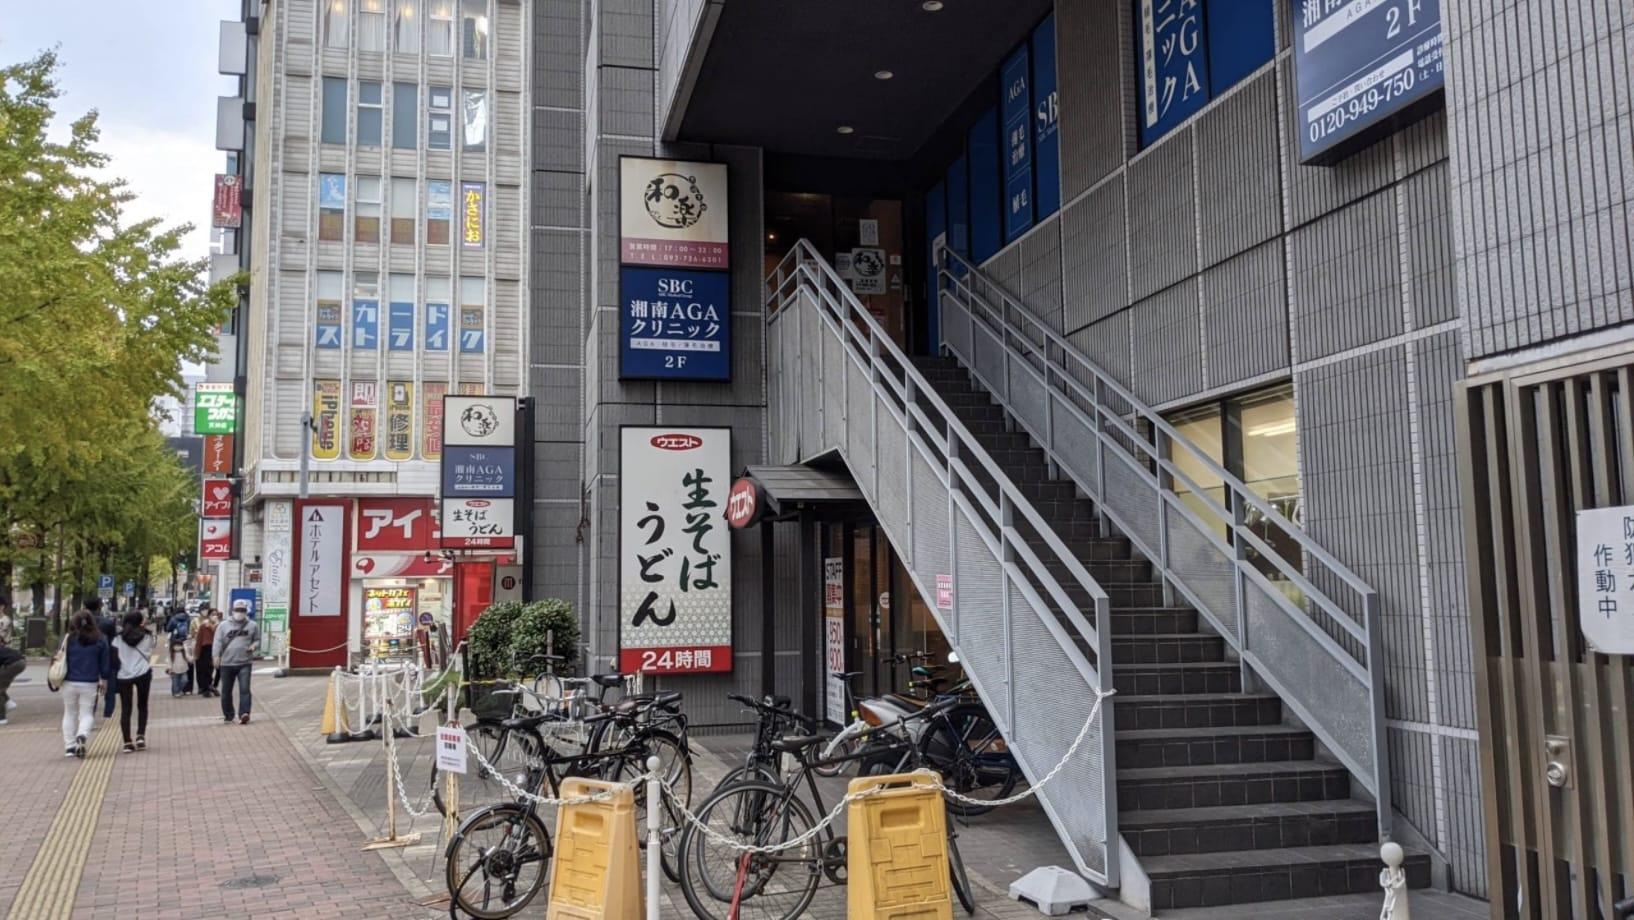 湘南美容AGAクリニックが入っているビルの外観。通り道。